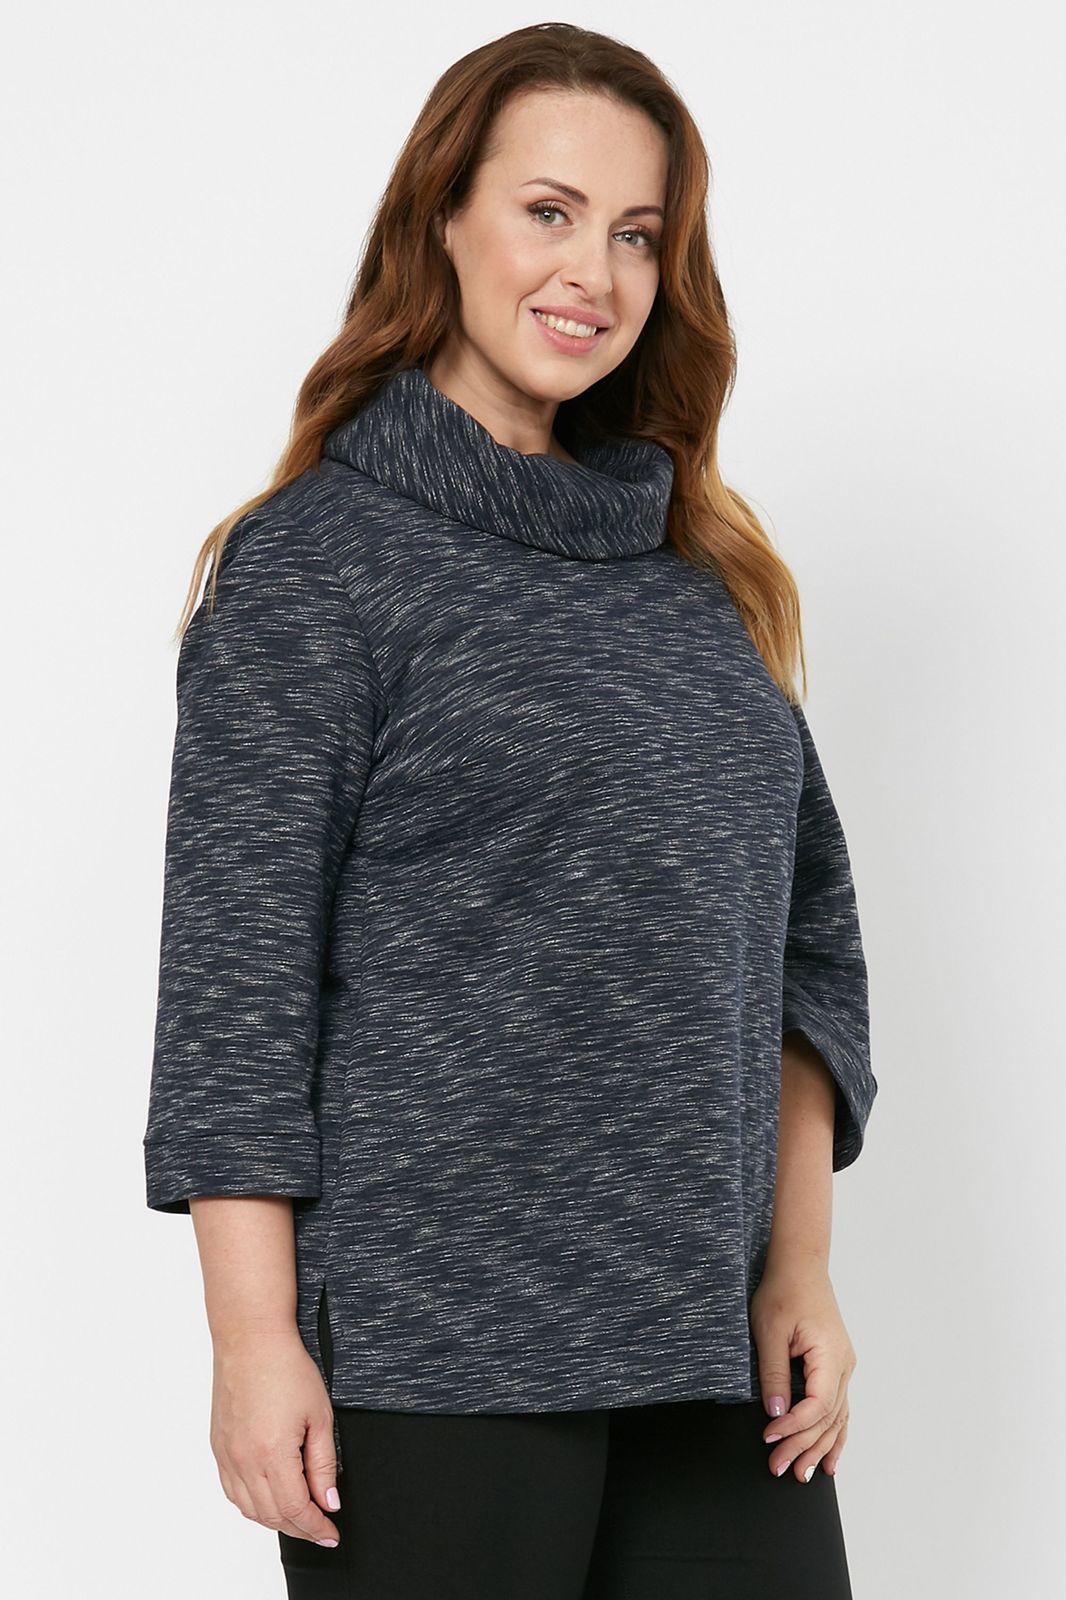 Блузки Блузка с воротником хомут 4-058-2 50 4-058-2_siniyi_3.jpg